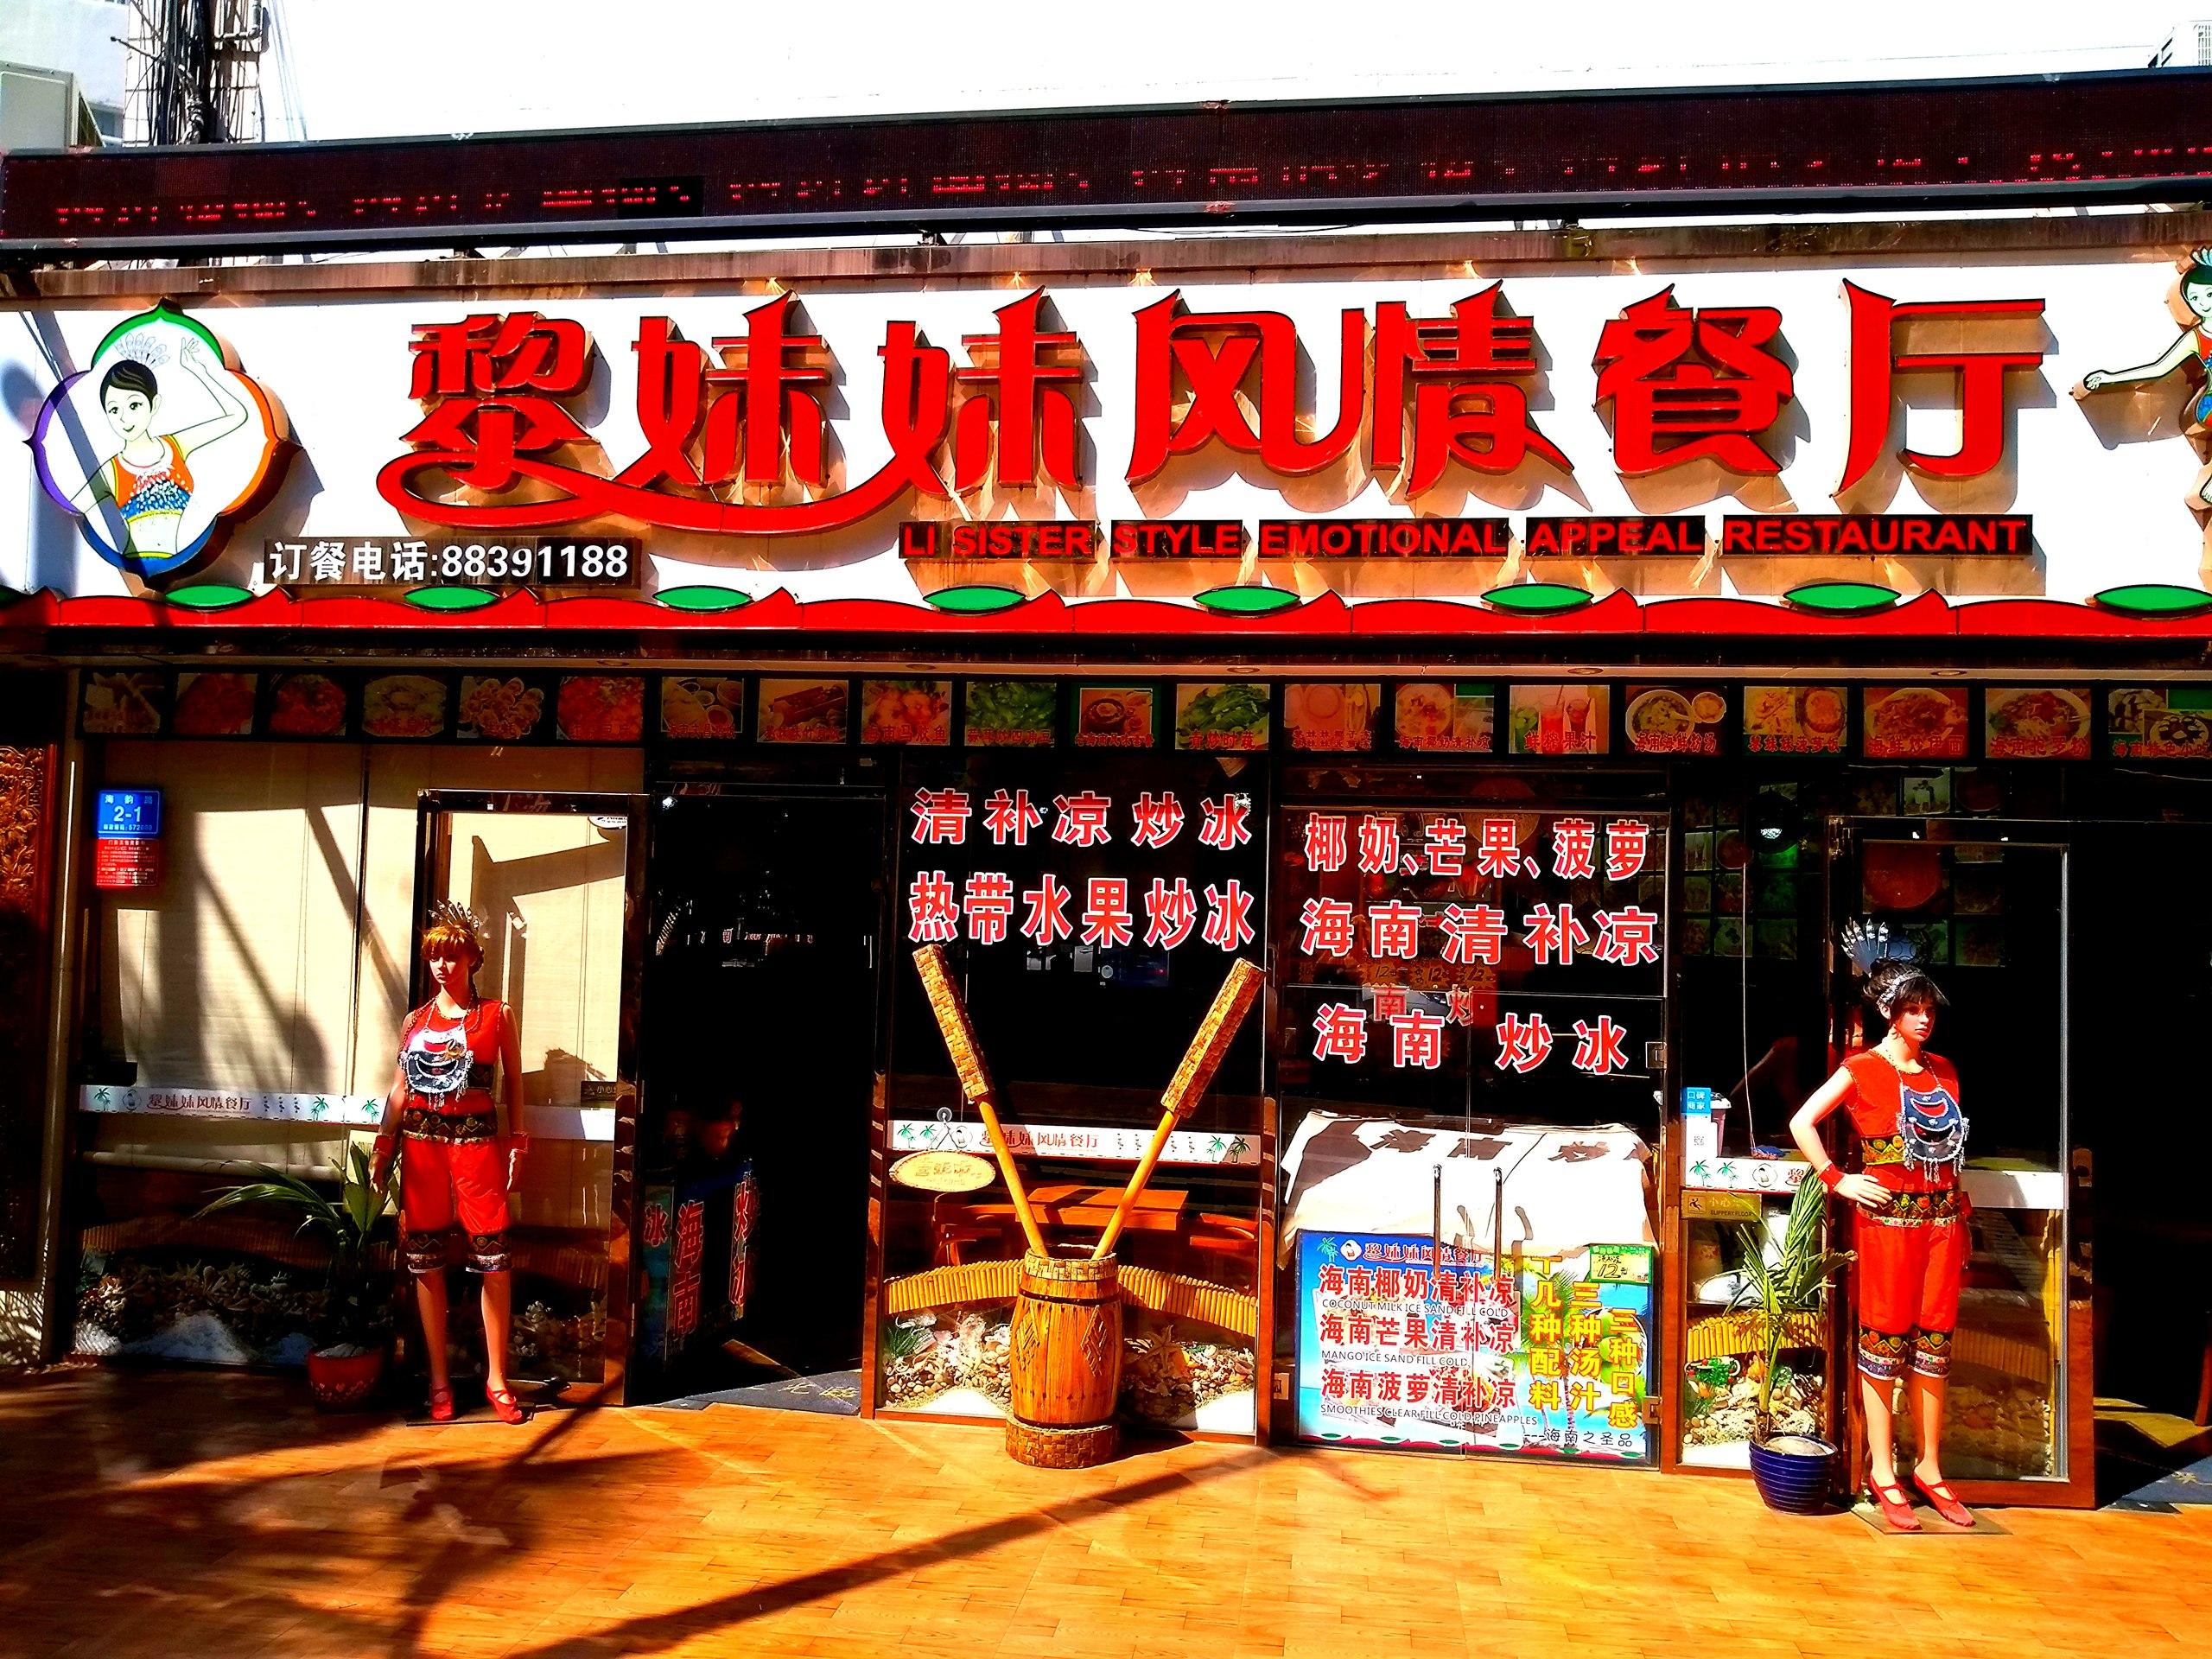 Елена Руденко (Валтея). Китай, о.Хайнань, г.Санья. (фото) - Страница 9 Qg1IENlmJYg